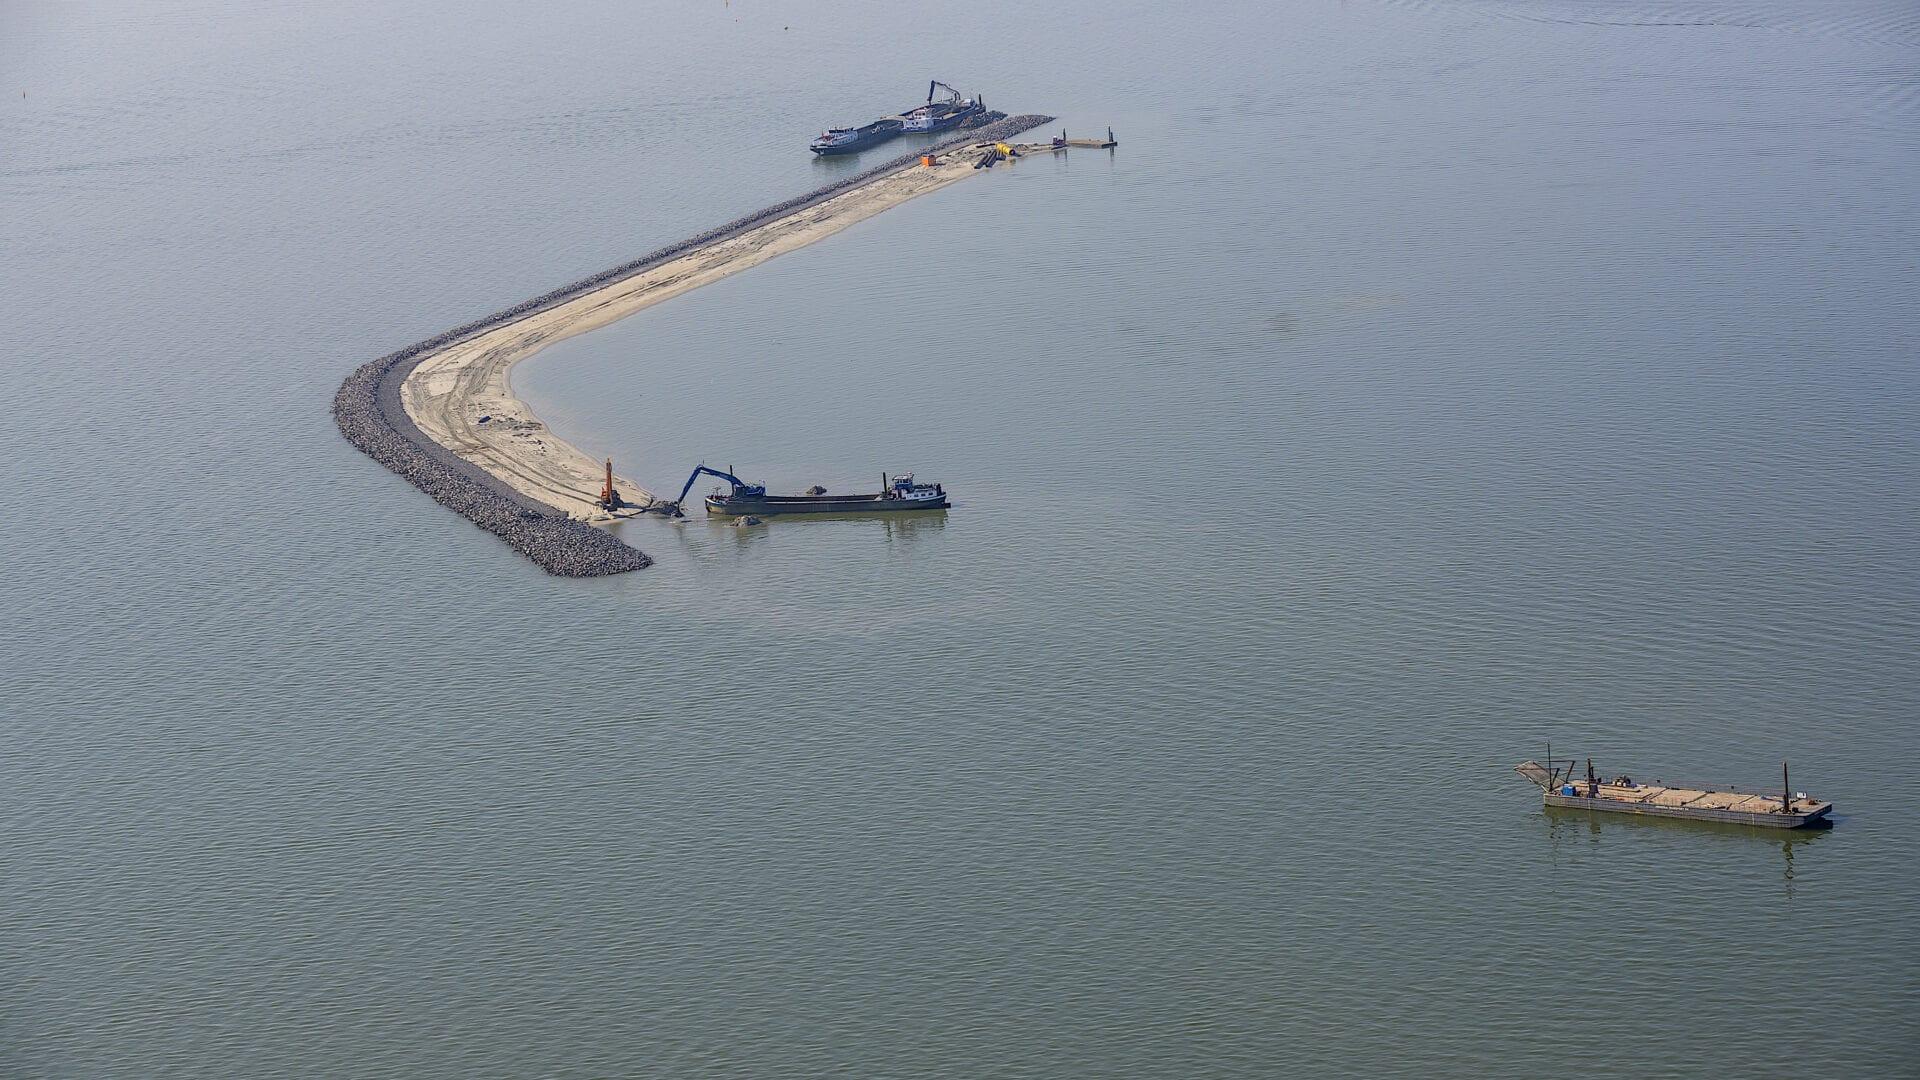 Op de afbeelding zien we twee boten die werken aan een dam in het water.